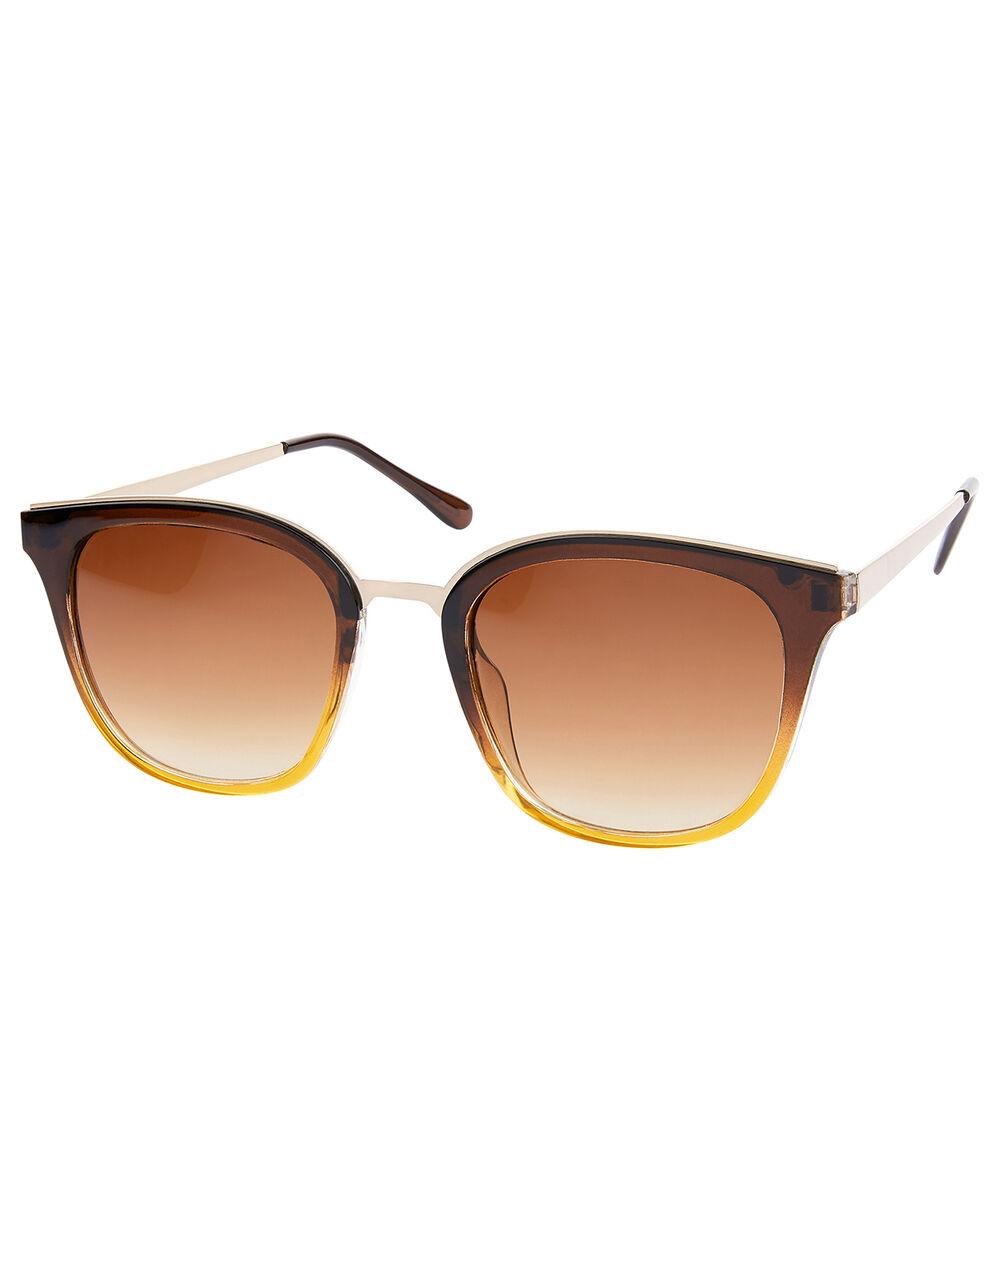 Ohio Ombre Preppy Sunglasses, , large